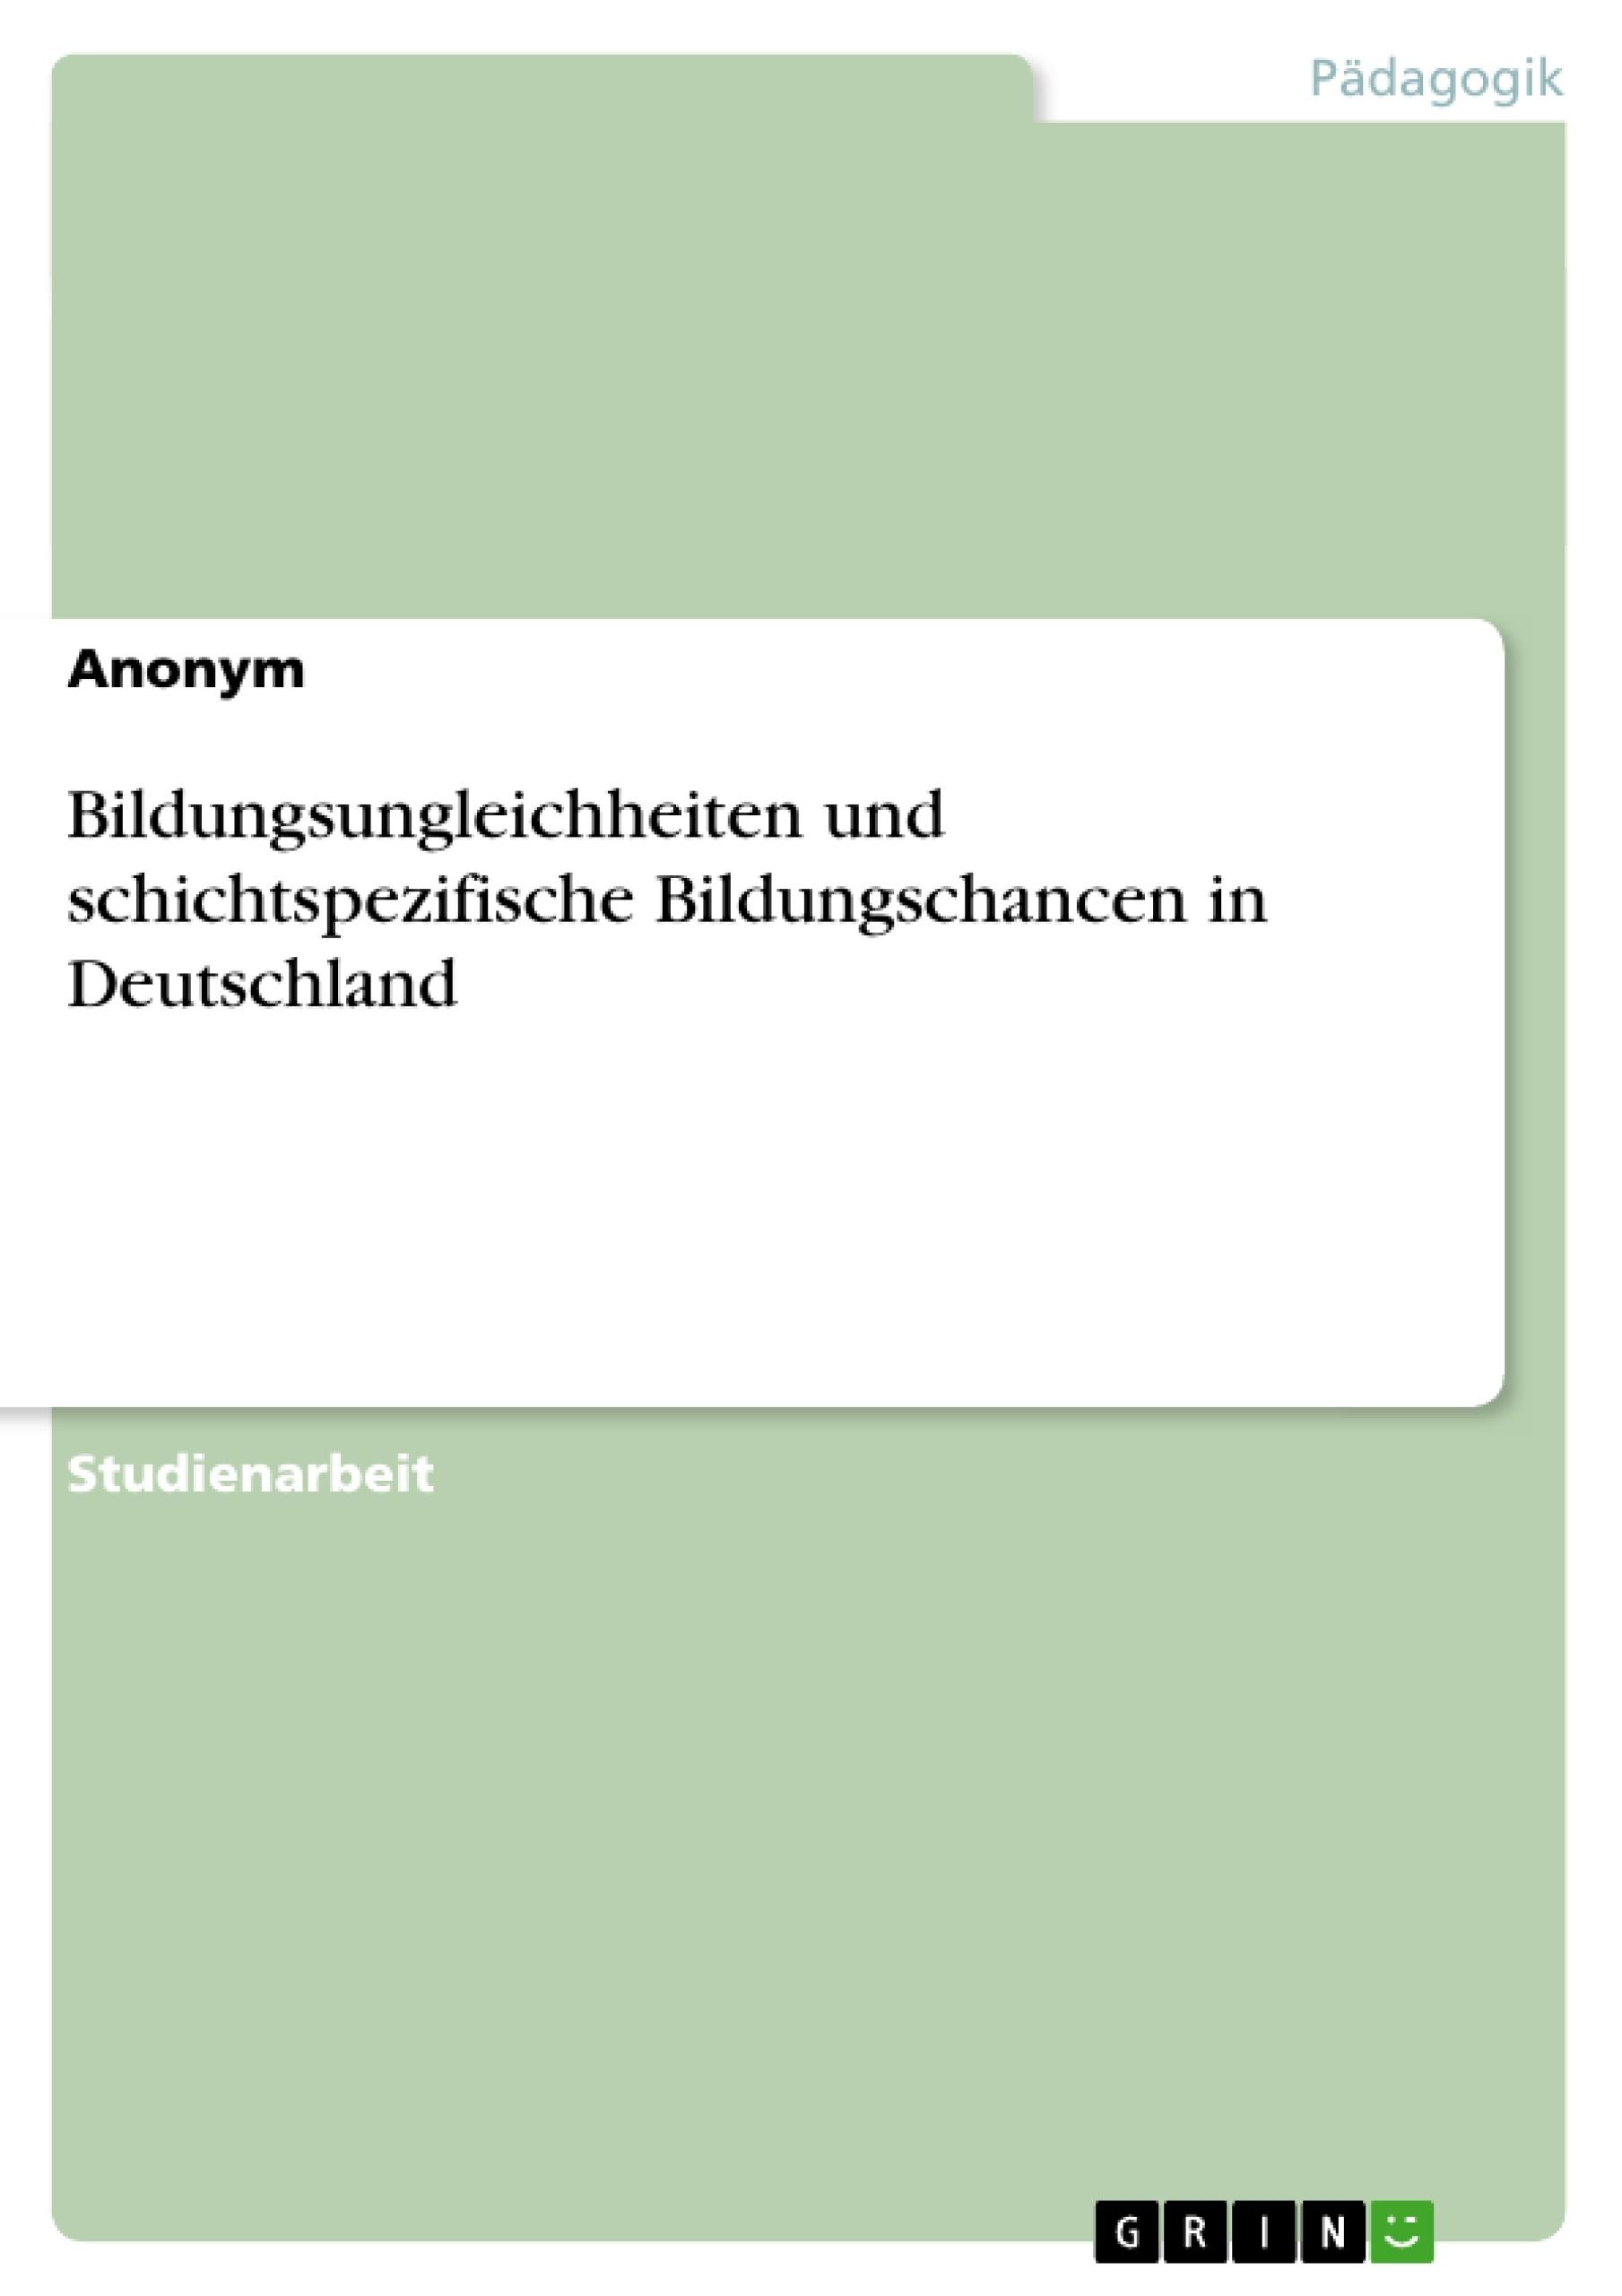 Titel: Bildungsungleichheiten und schichtspezifische Bildungschancen in Deutschland